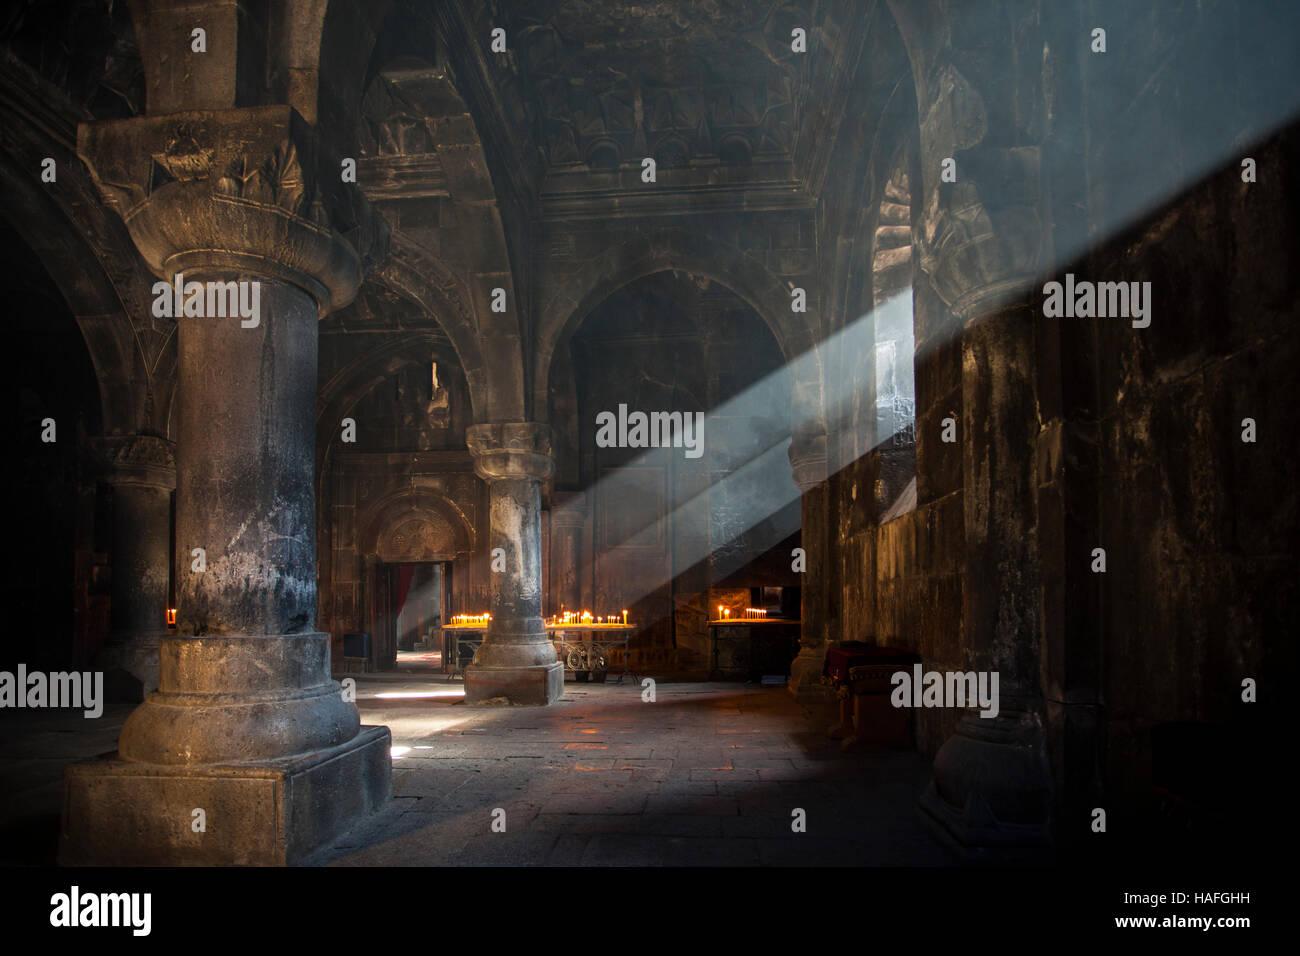 Interno del borgo medievale di Chiesa apostolica armena - Gegard monastero. Numerose le candele e i raggi del sole Immagini Stock